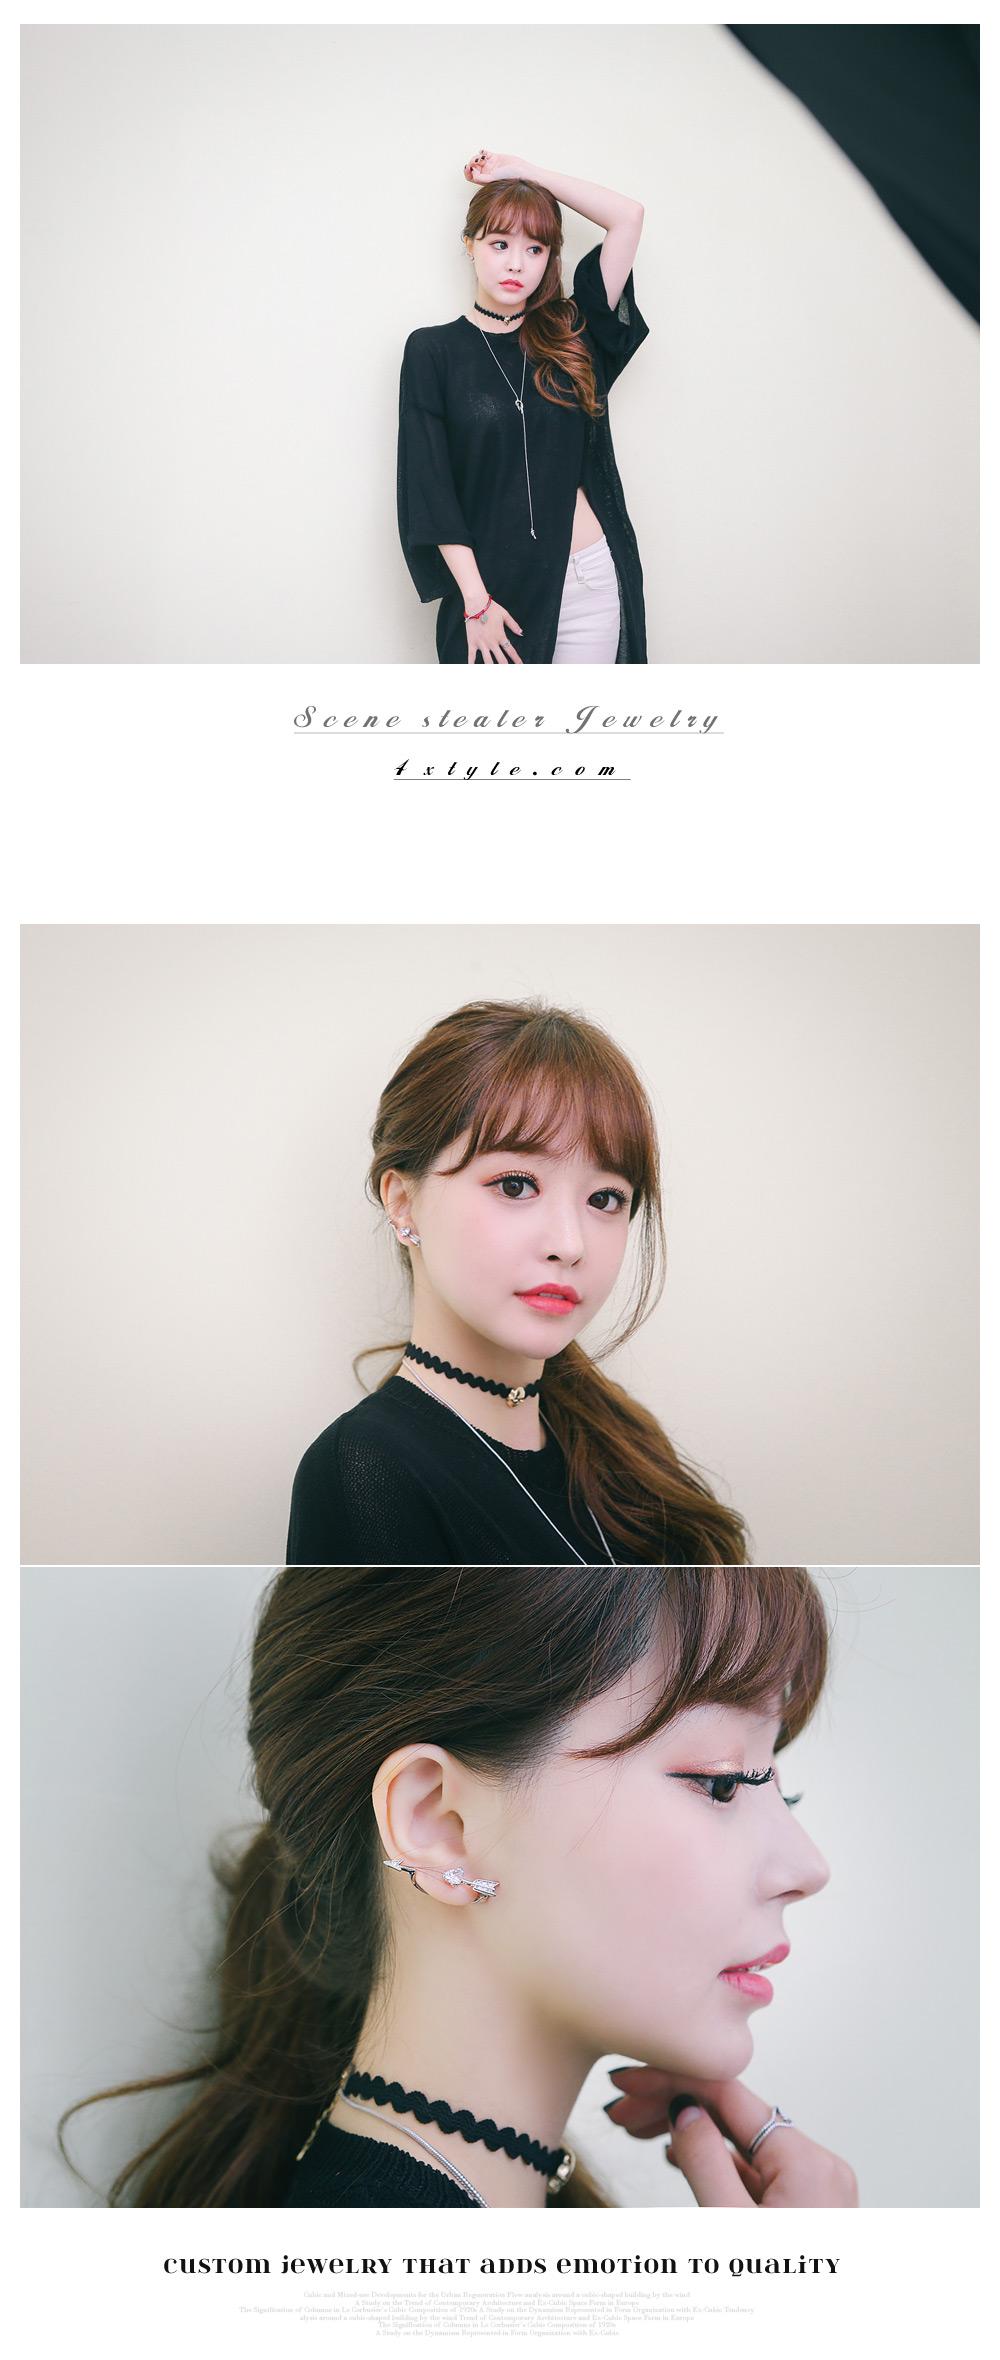 [ 4xtyle ] Cupid Arrow Earring, 3 Colors